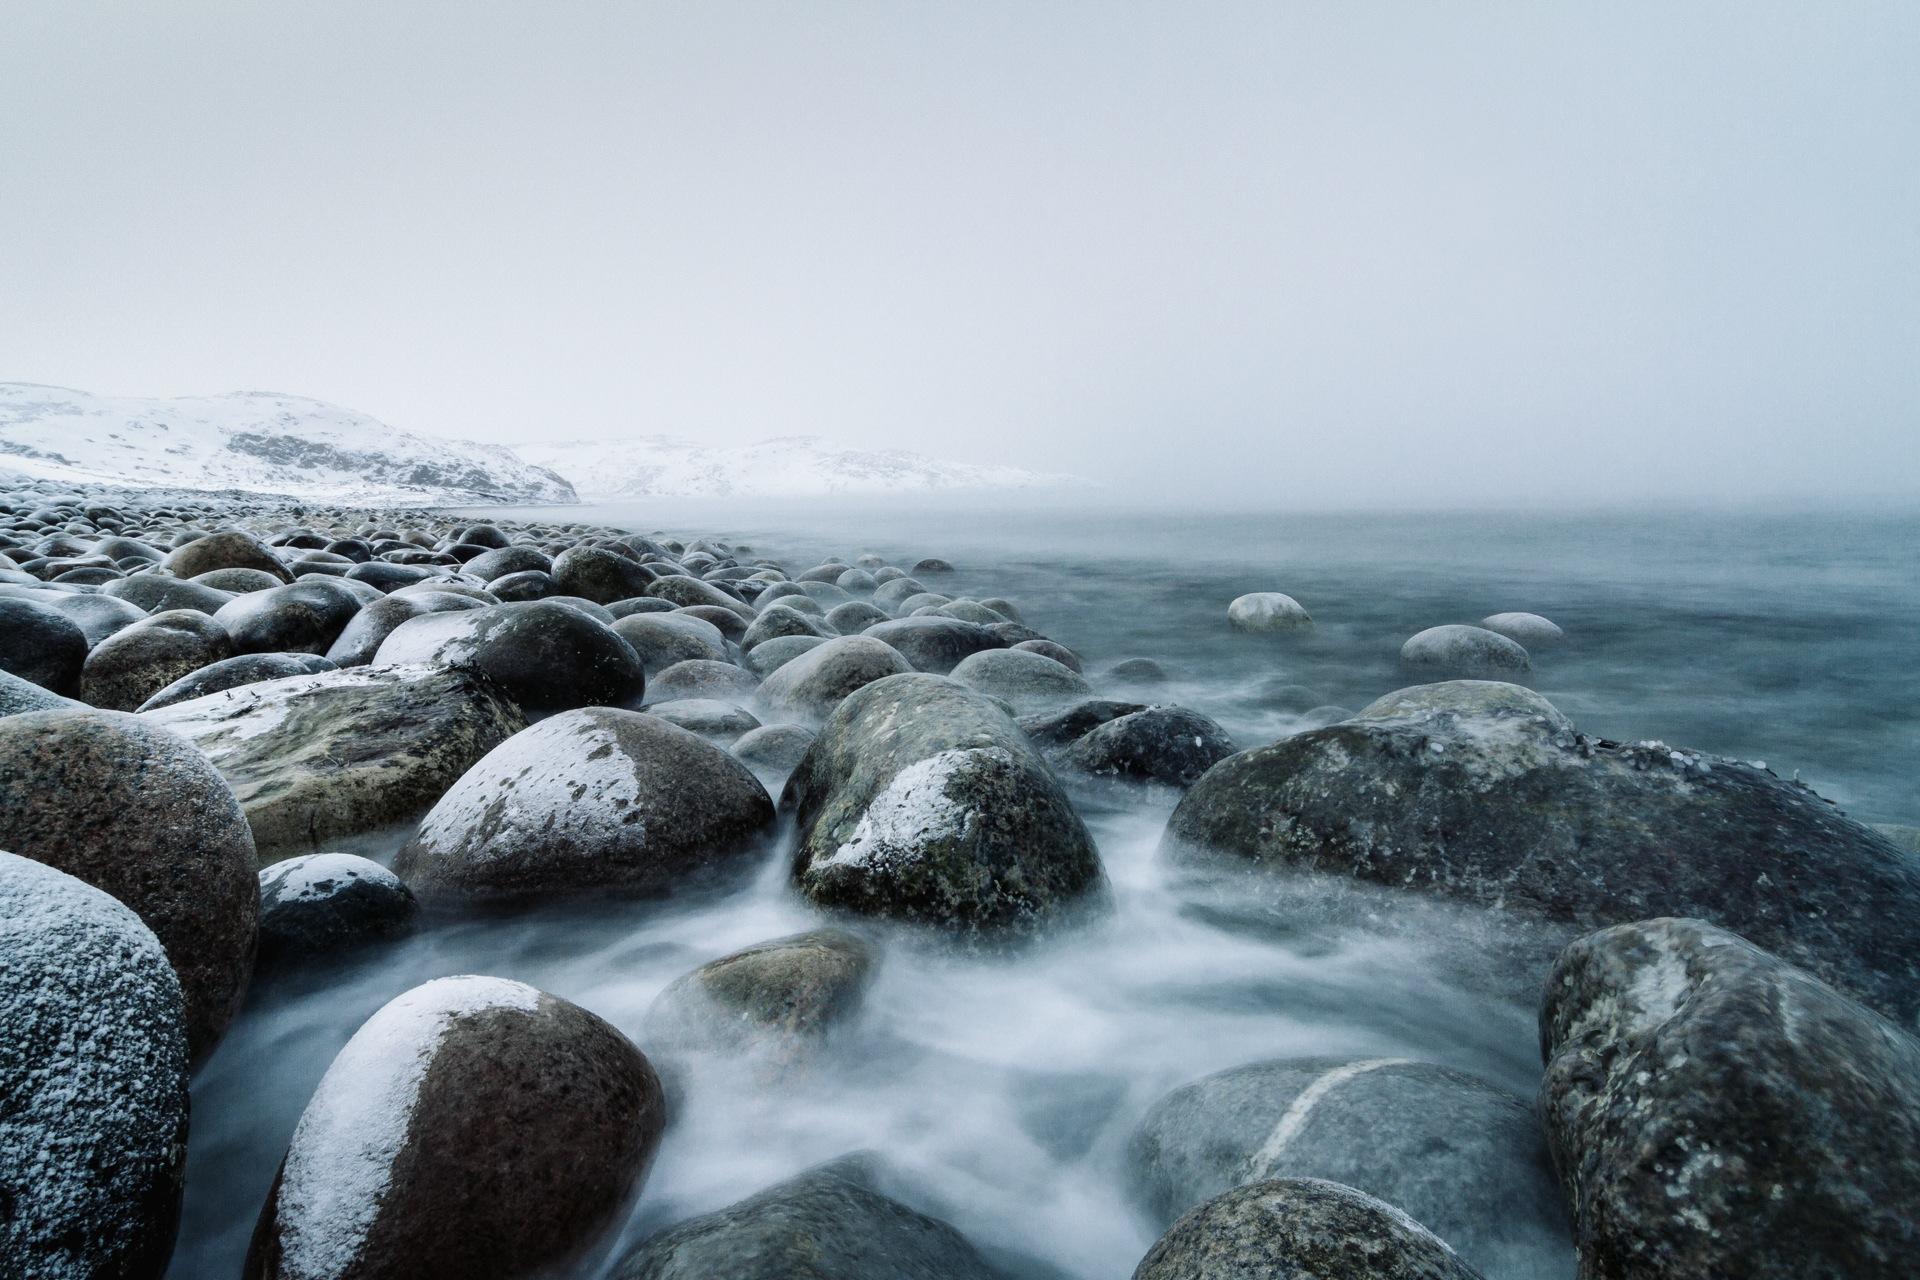 nevoeiro, pedras, frio, neve, nuvens, água, Papéis de parede HD - Professor-falken.com